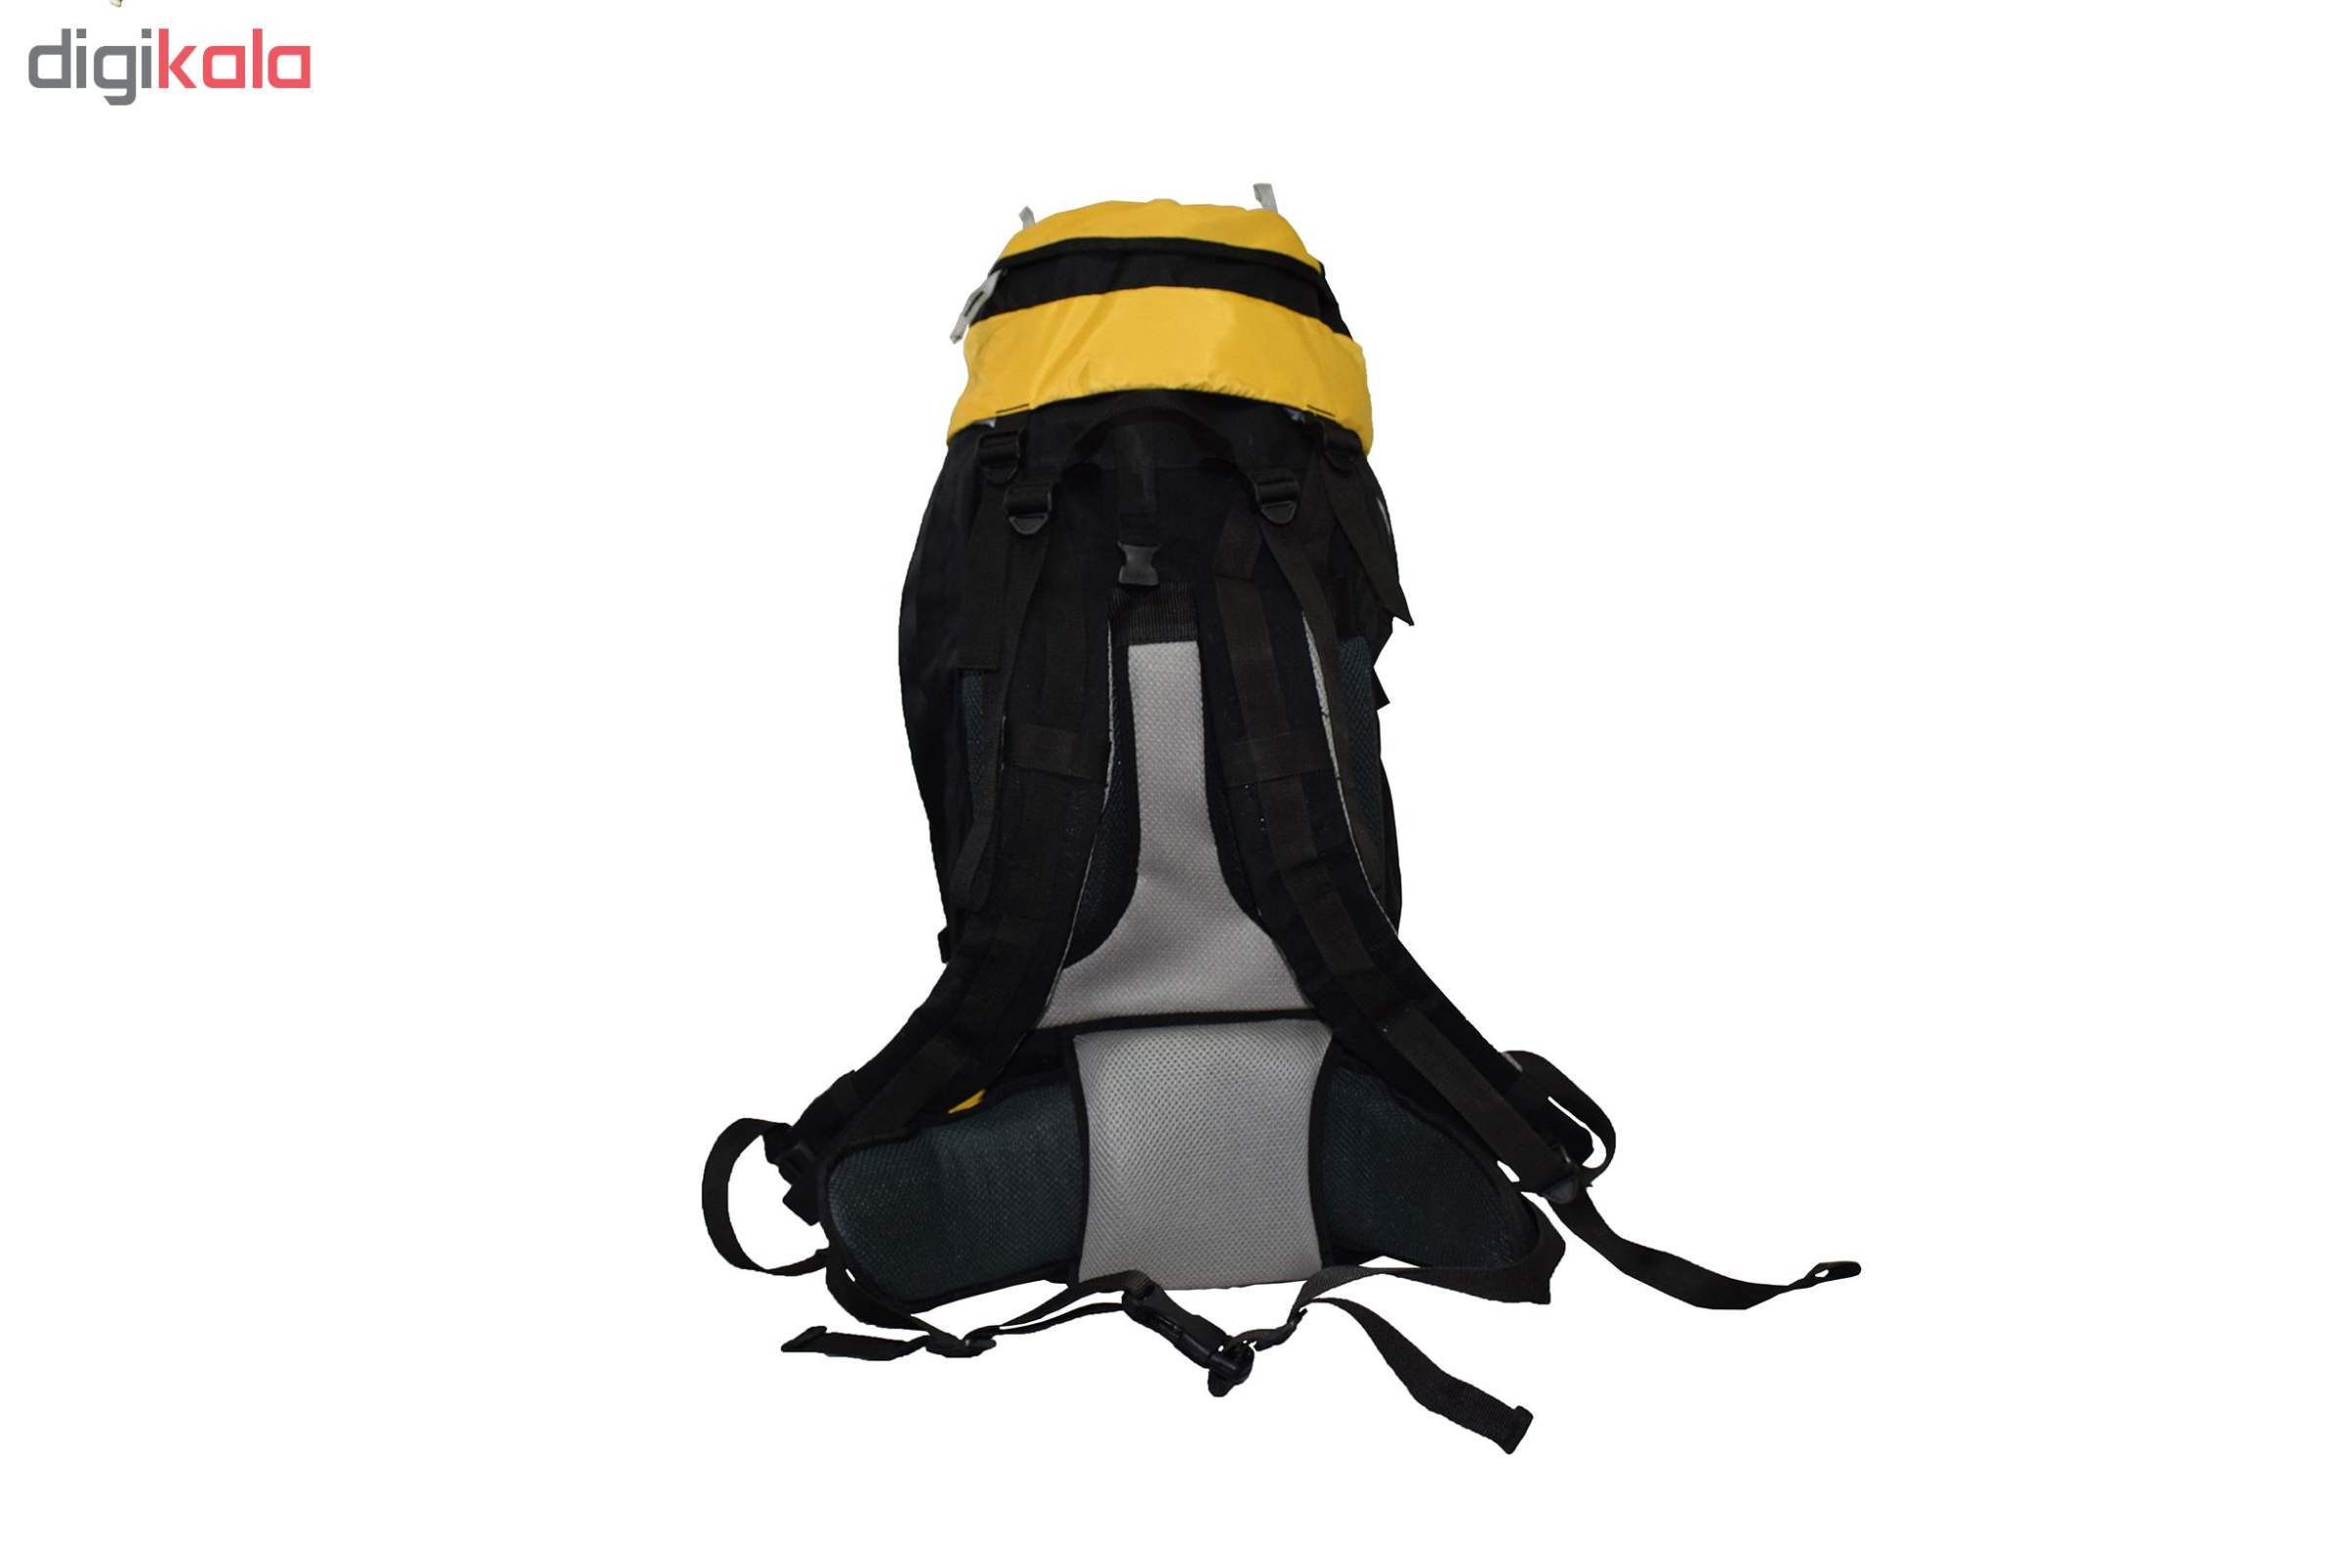 کوله پشتی کوهنوردی 55 لیتری 5.11 مدل AG3001 main 1 7